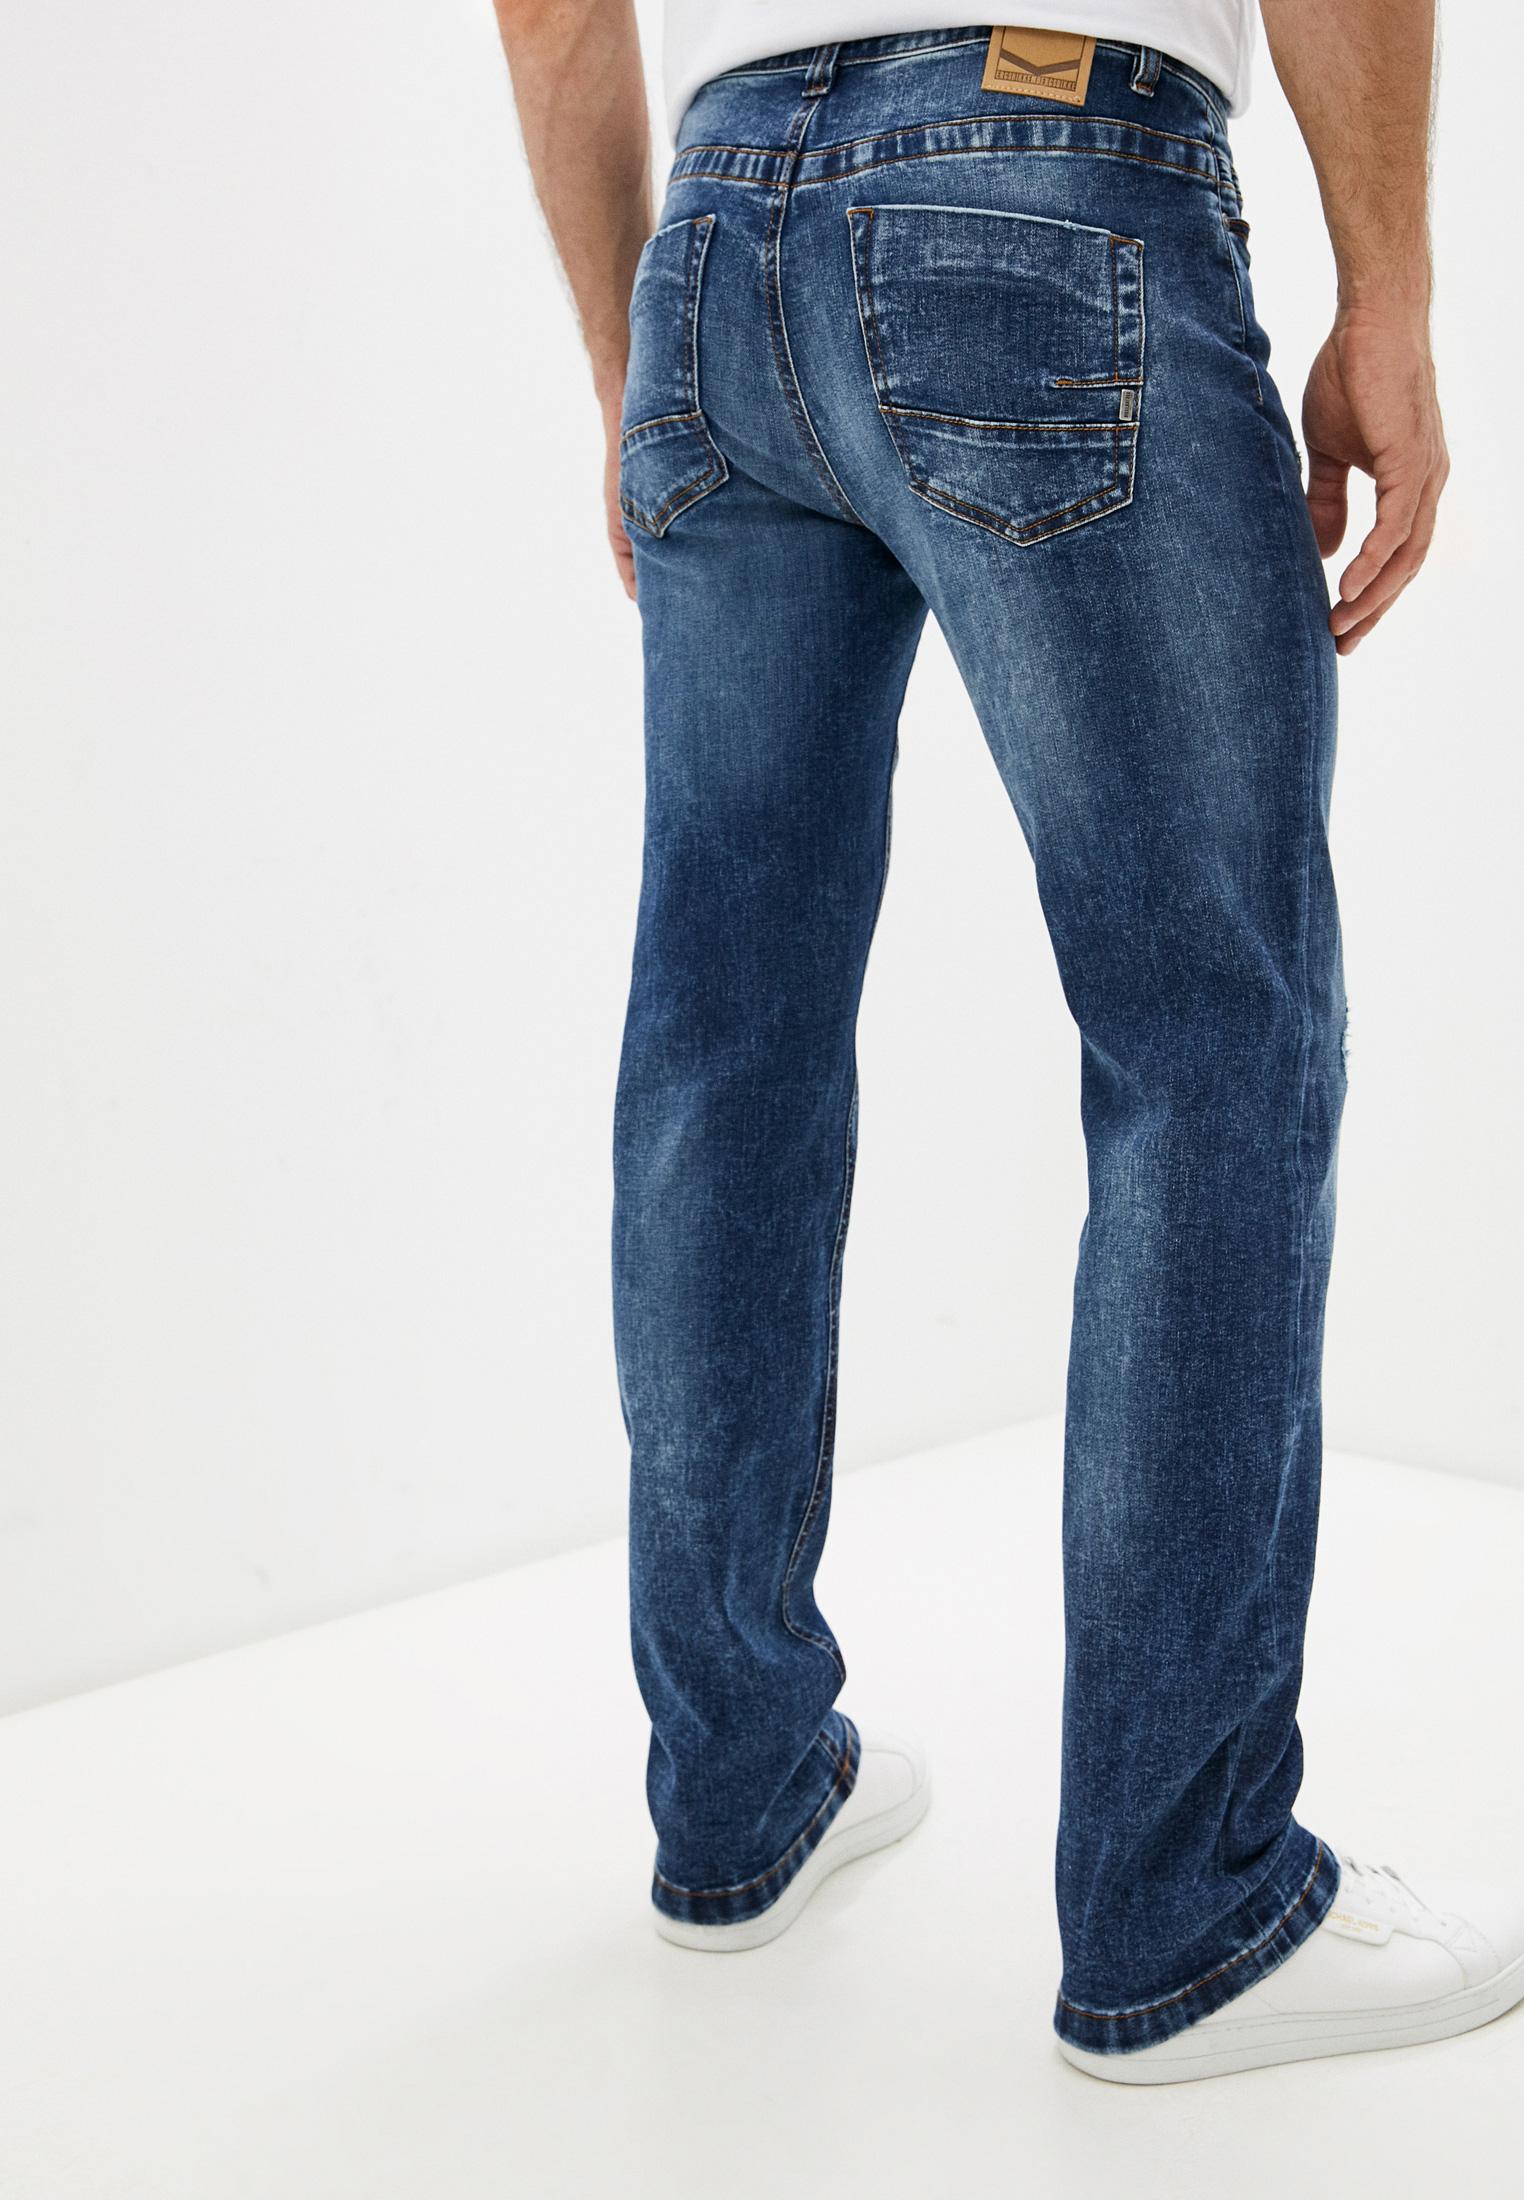 Мужские прямые джинсы Bikkembergs (Биккембергс) C Q 102 00 S 3181: изображение 9